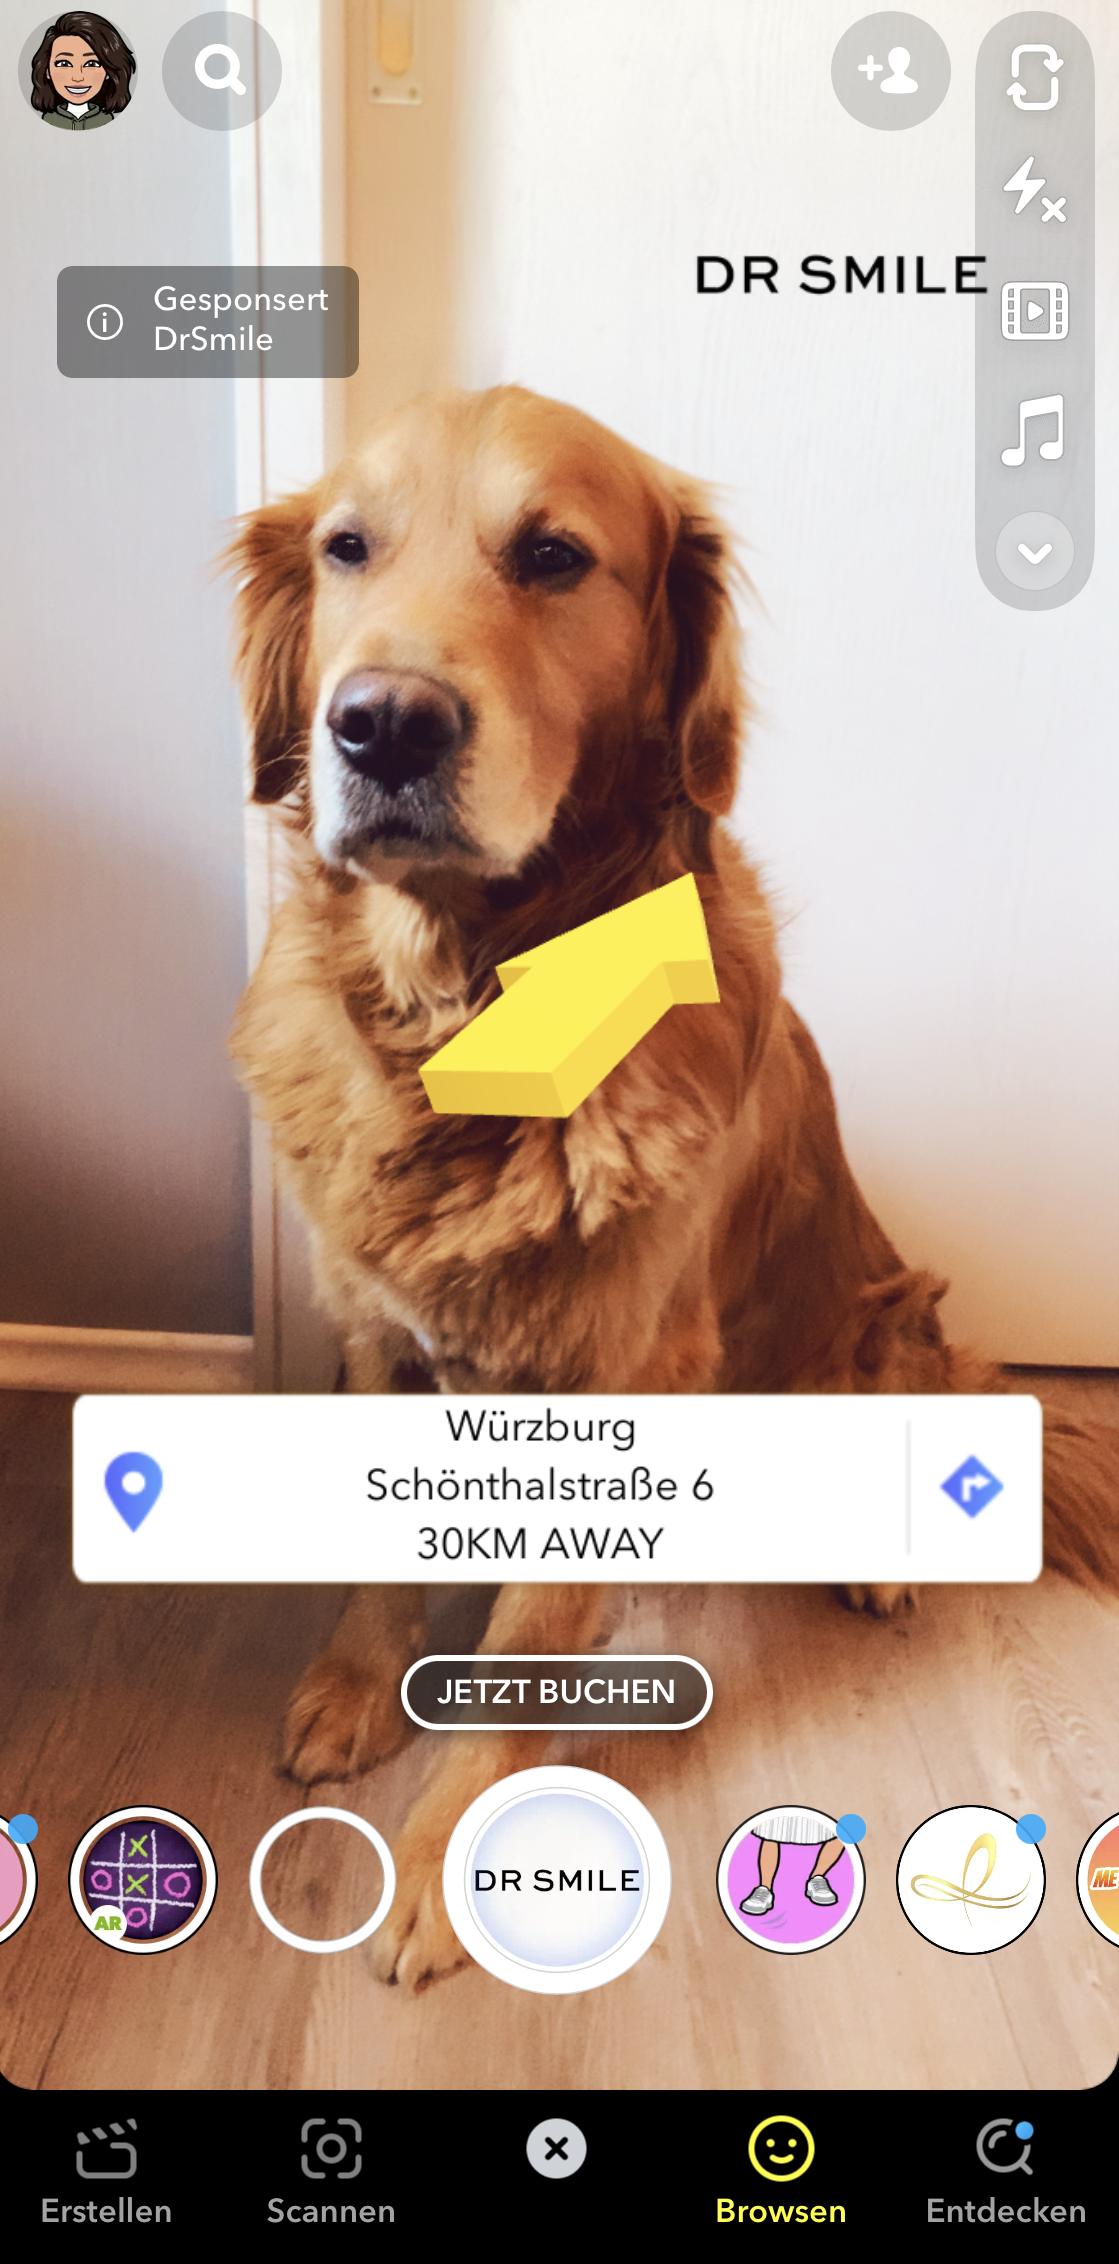 Das Bild zeigt ein Beispiel eines Snapchat Geofilters zu Werbezwecken